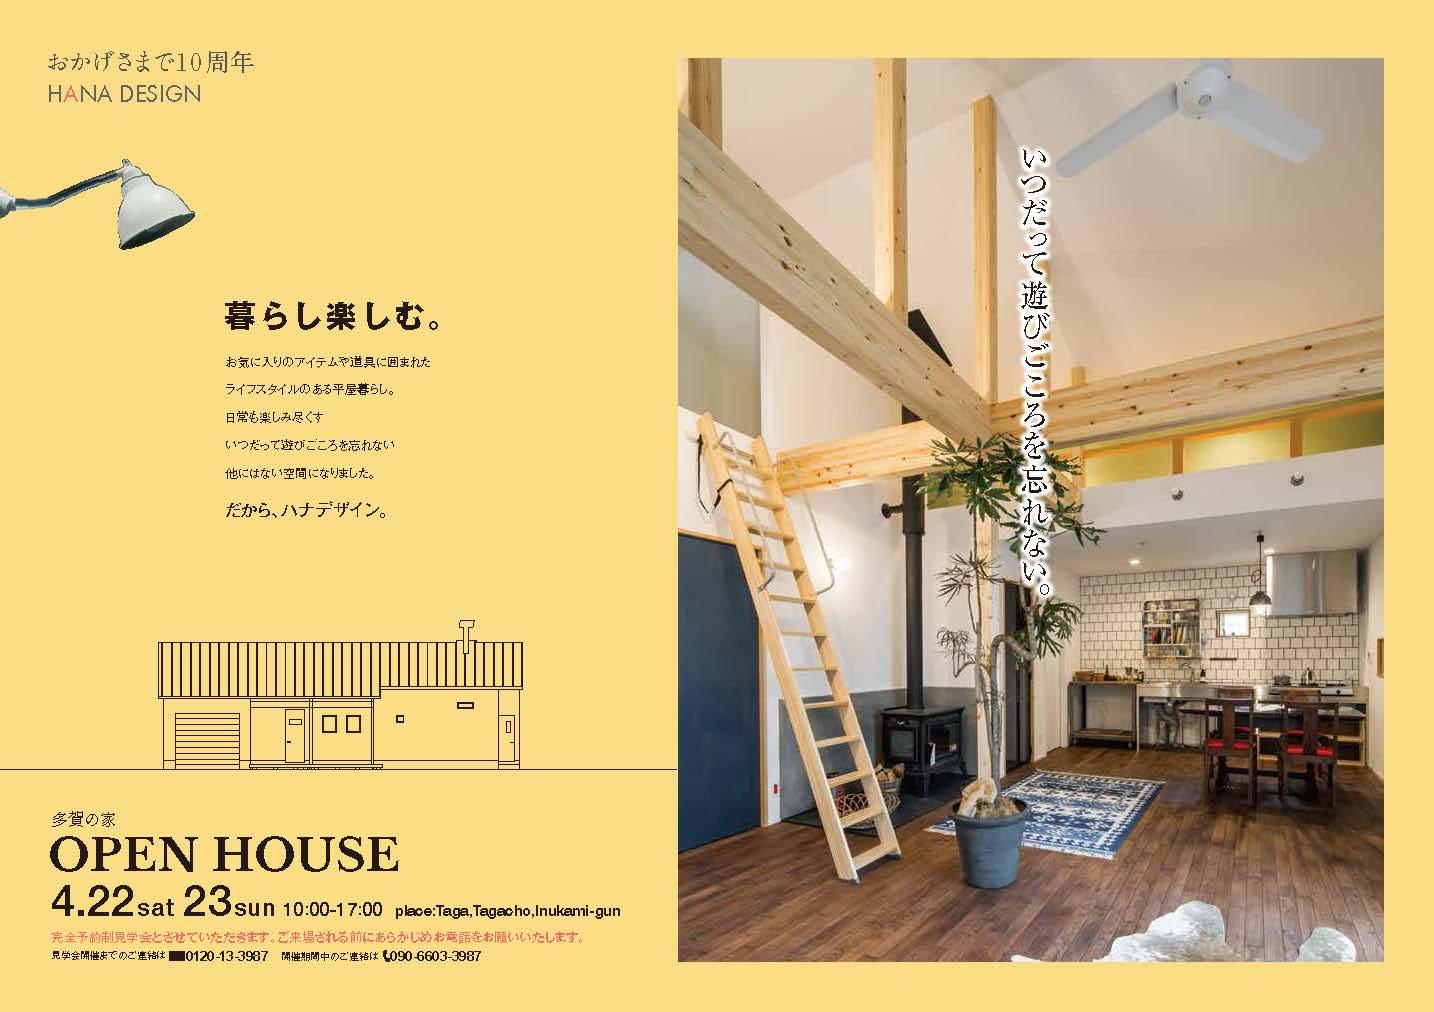 ハナデザインさま多賀の家チラシ0414_ページ_1